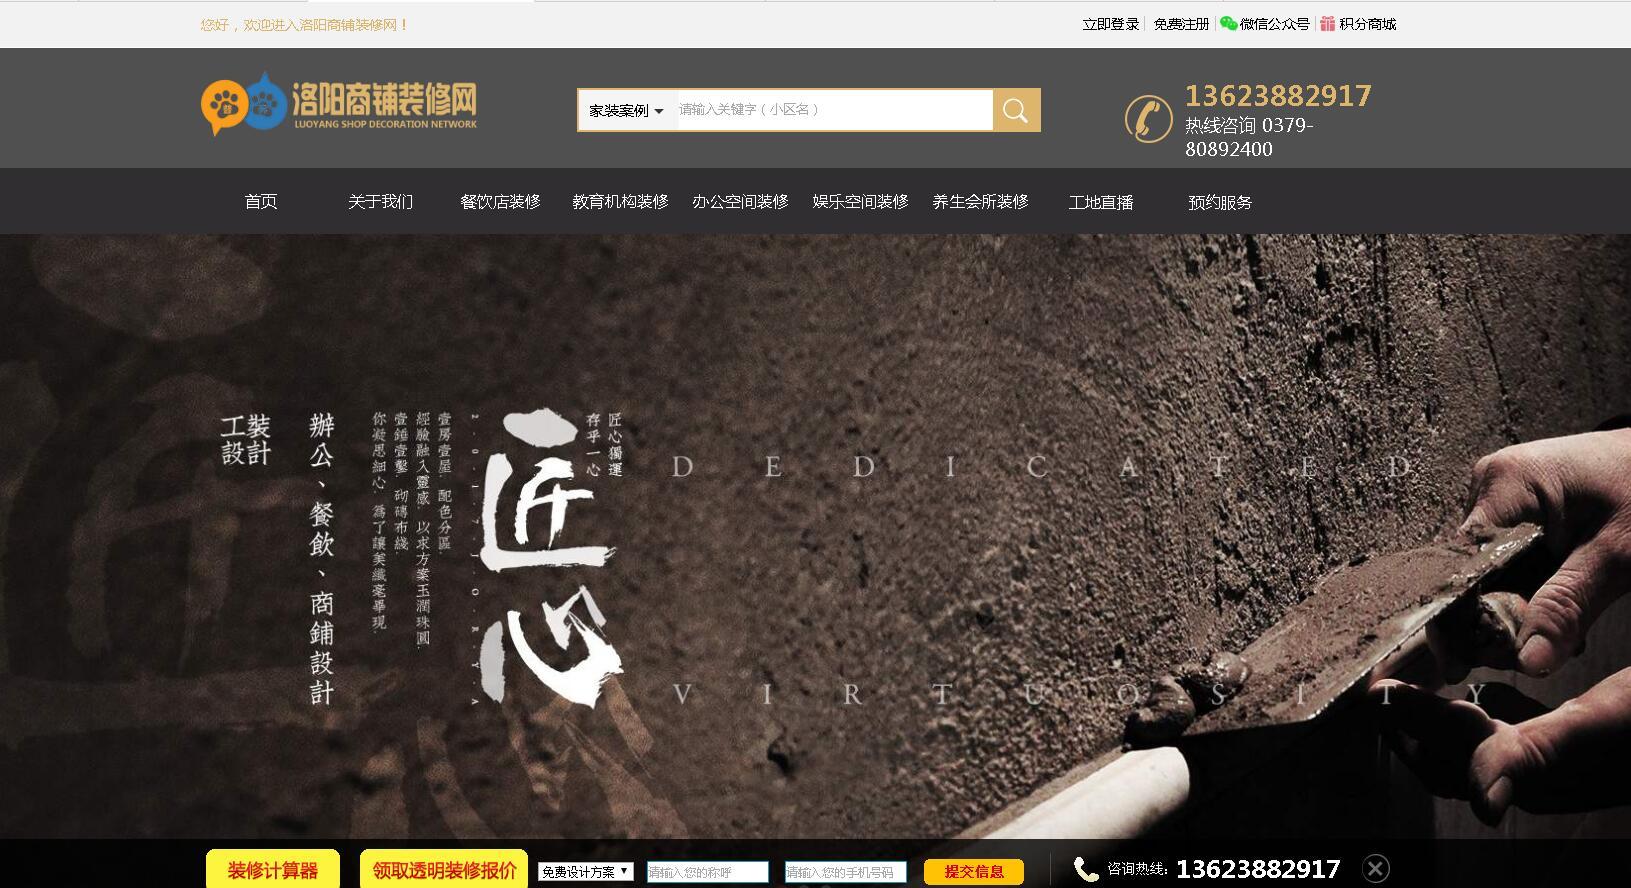 乐后屋装企营销平台热烈祝贺洛阳普奔装饰2018新版官方网站上线